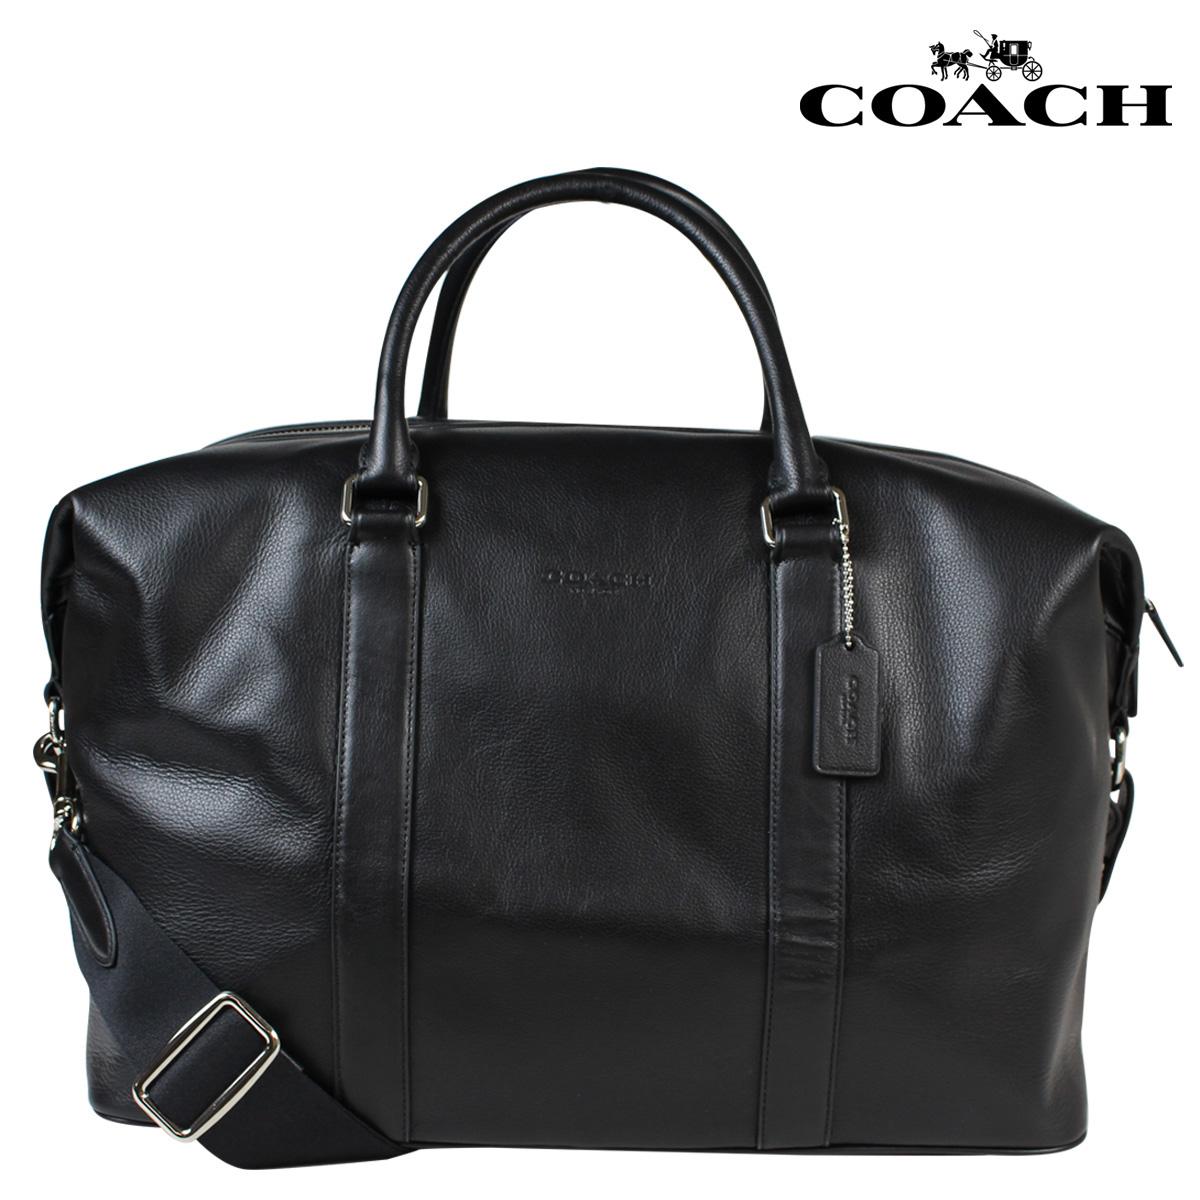 COACH コーチ メンズ バッグ ボストンバッグ F54765 ブラック [186] 【決算セール 返品不可】